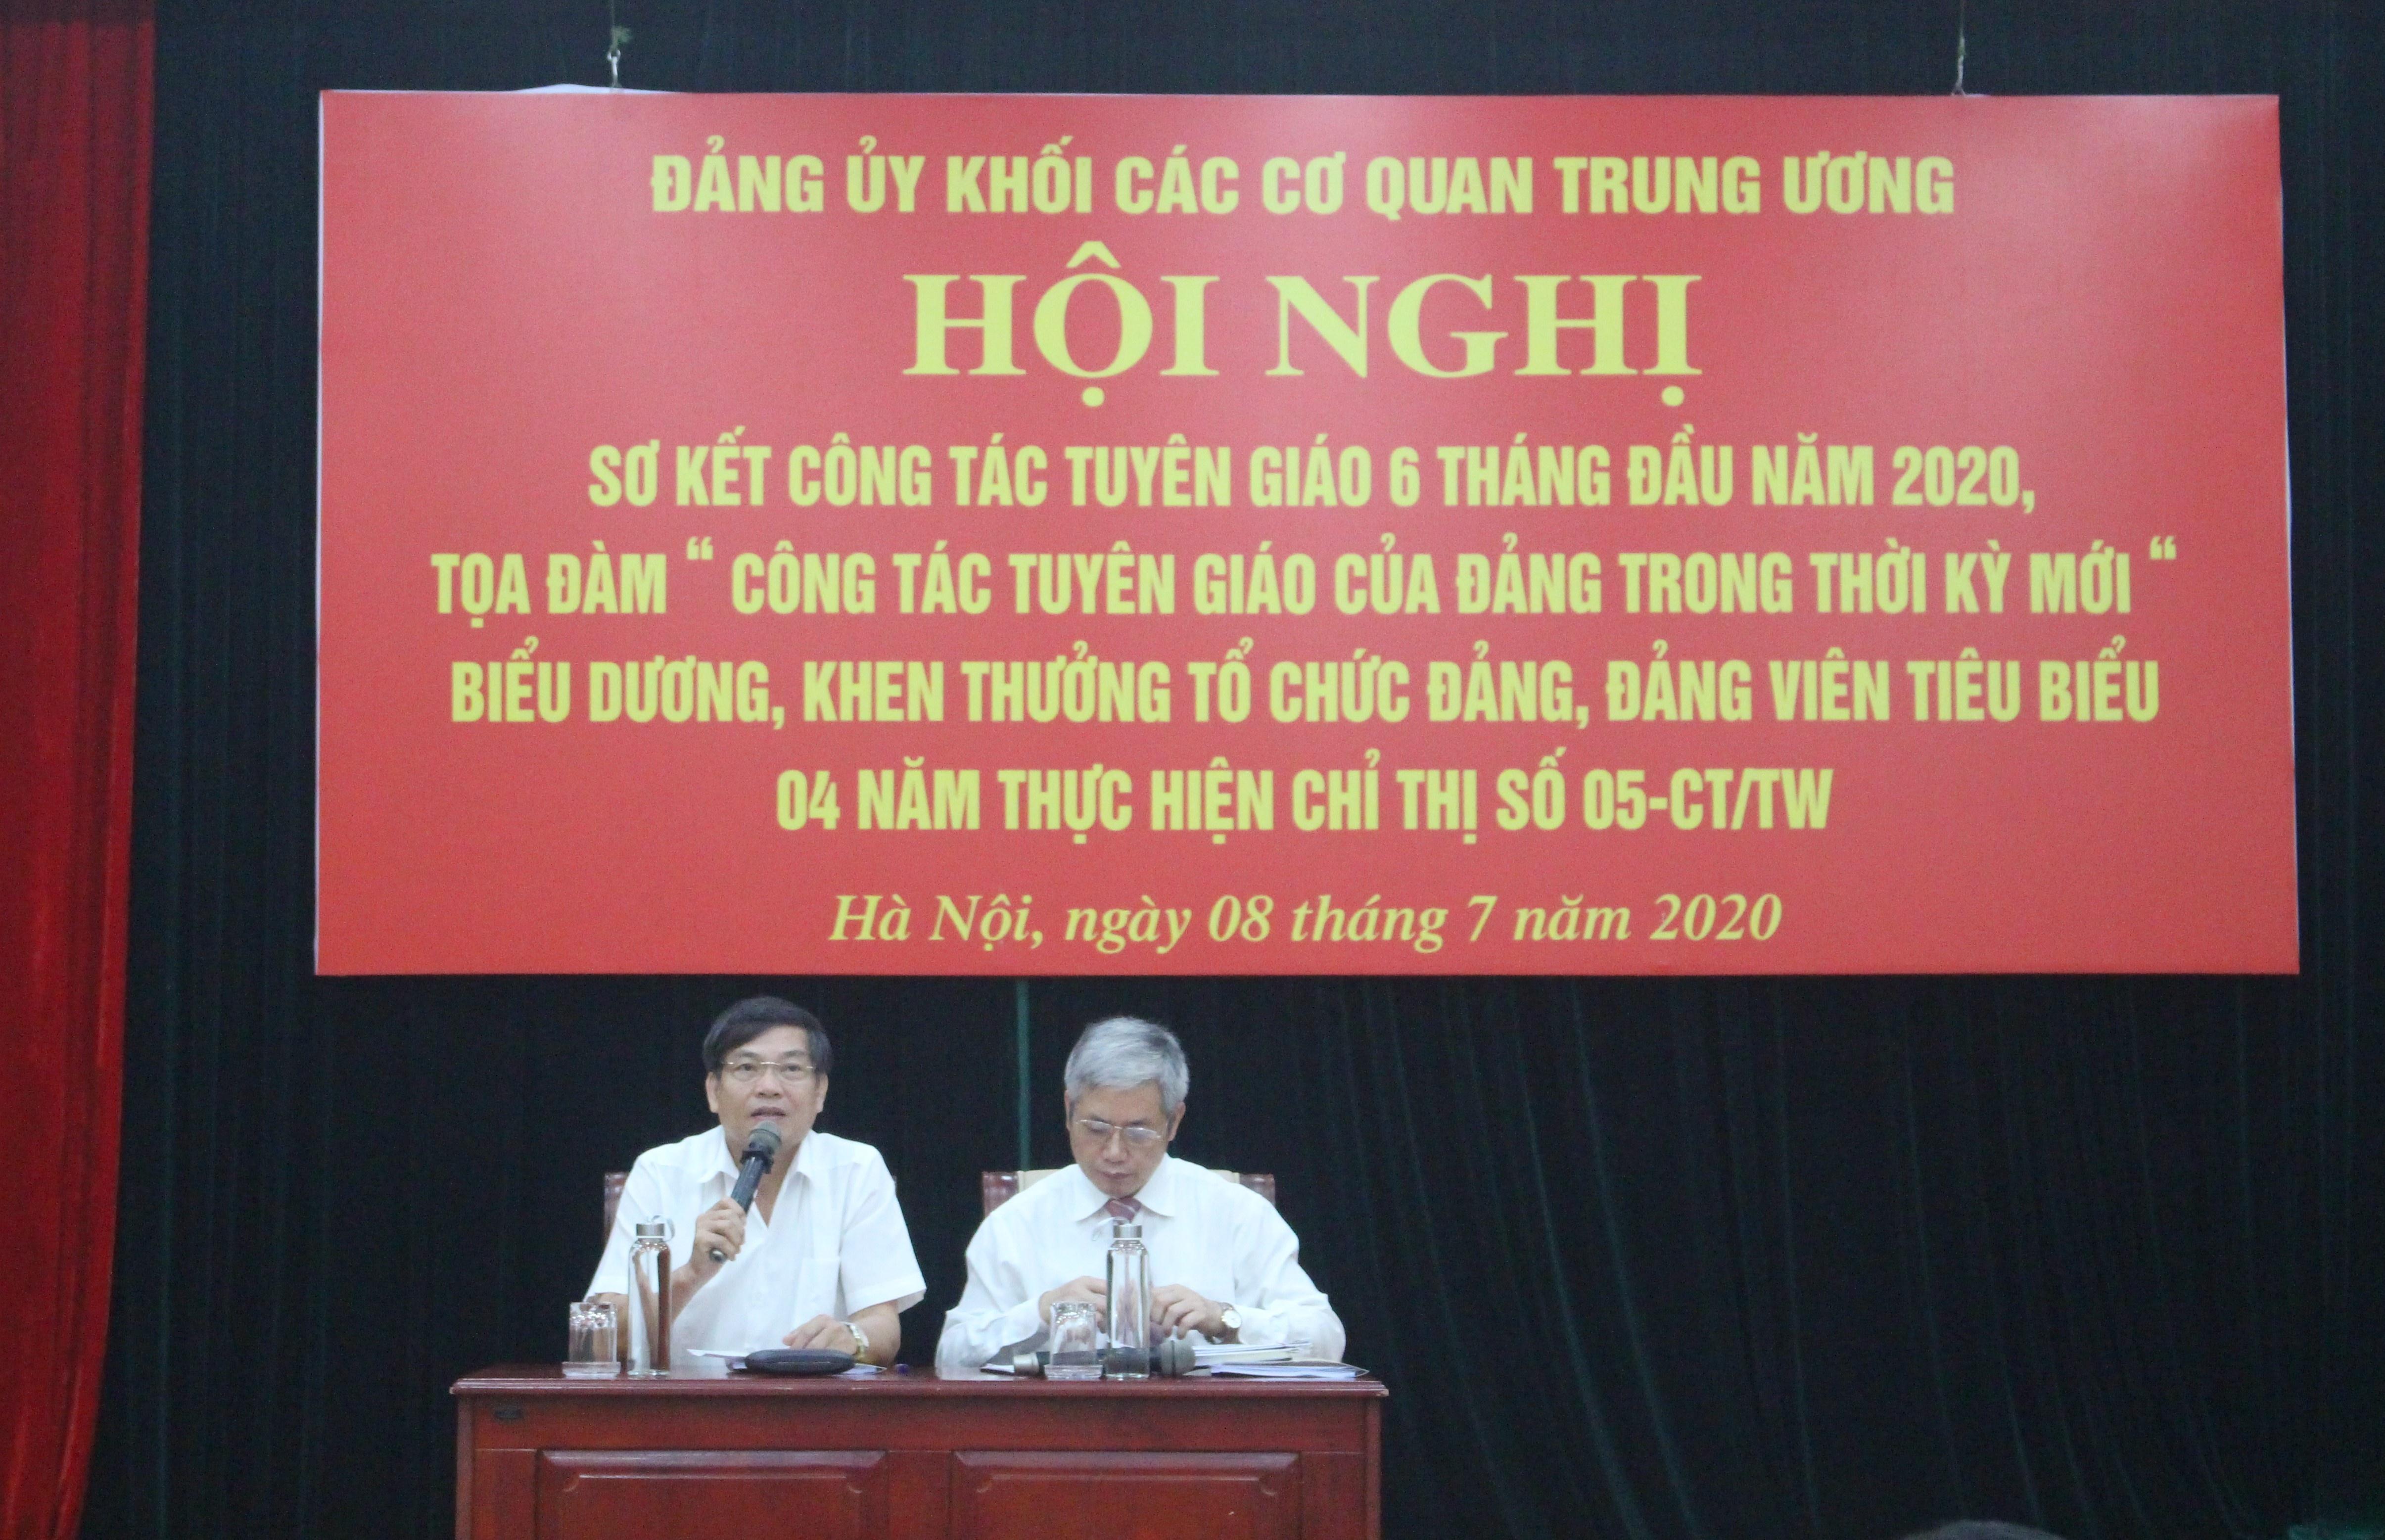 khen thuong 21 tap the 16 ca nhan tieu bieu thuc hien chi thi so 05 cttw giai doan 2018 2020